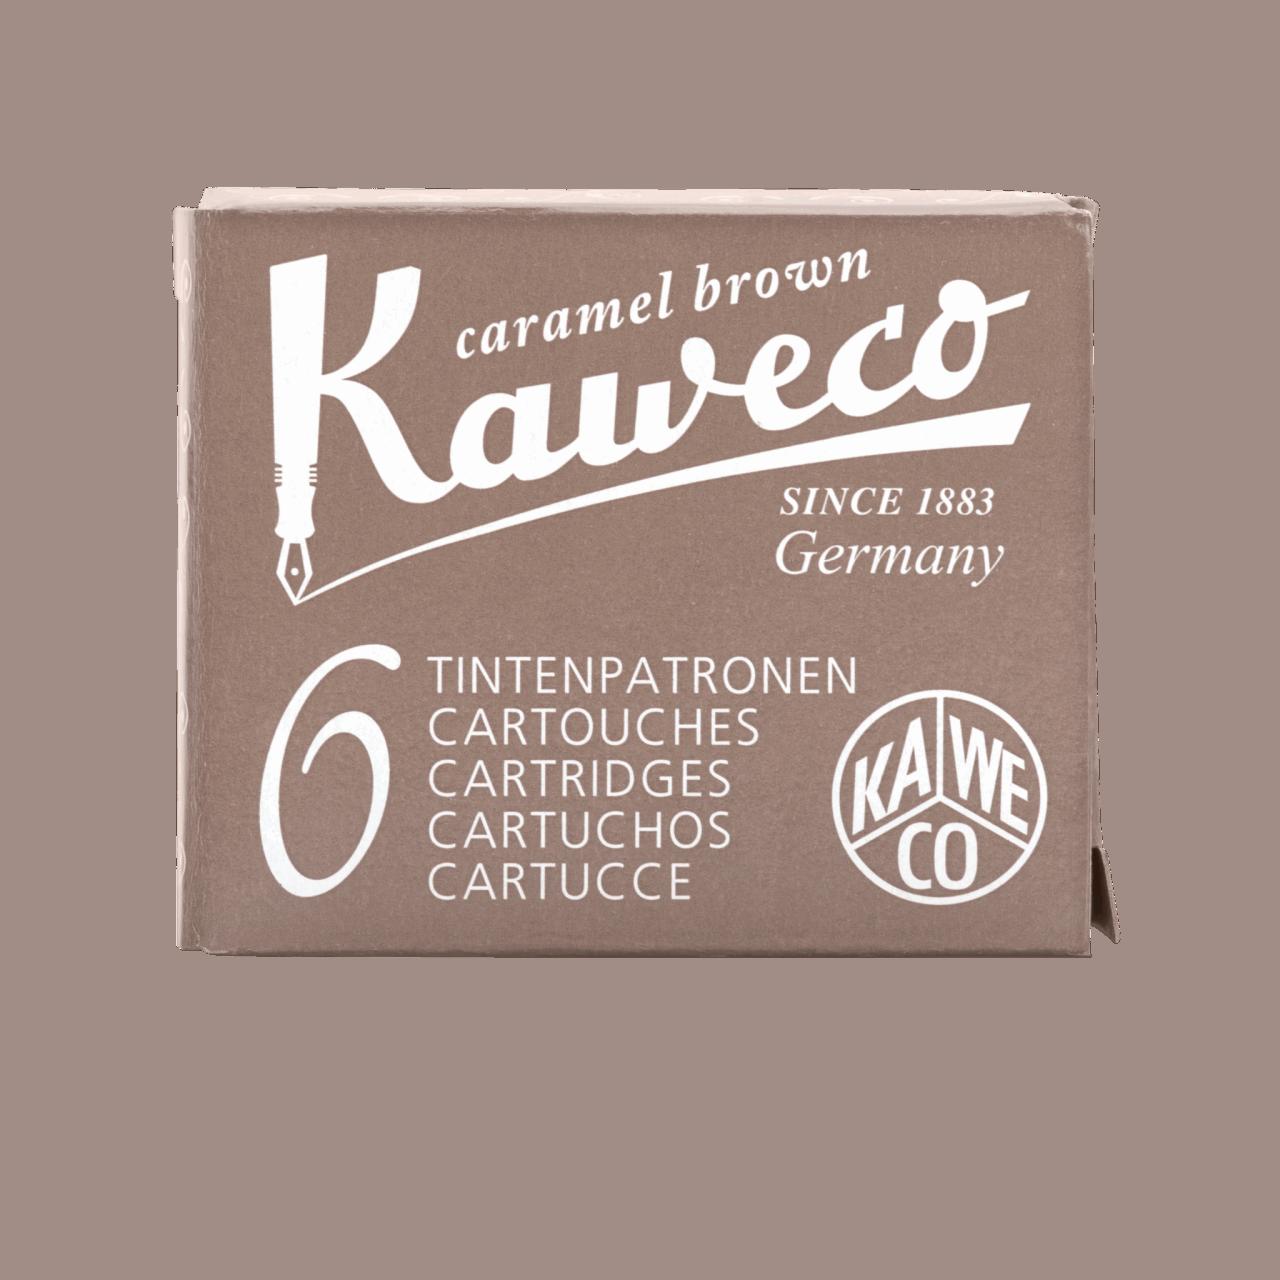 Kaweco Premium Ink Cartridges Caramel brown